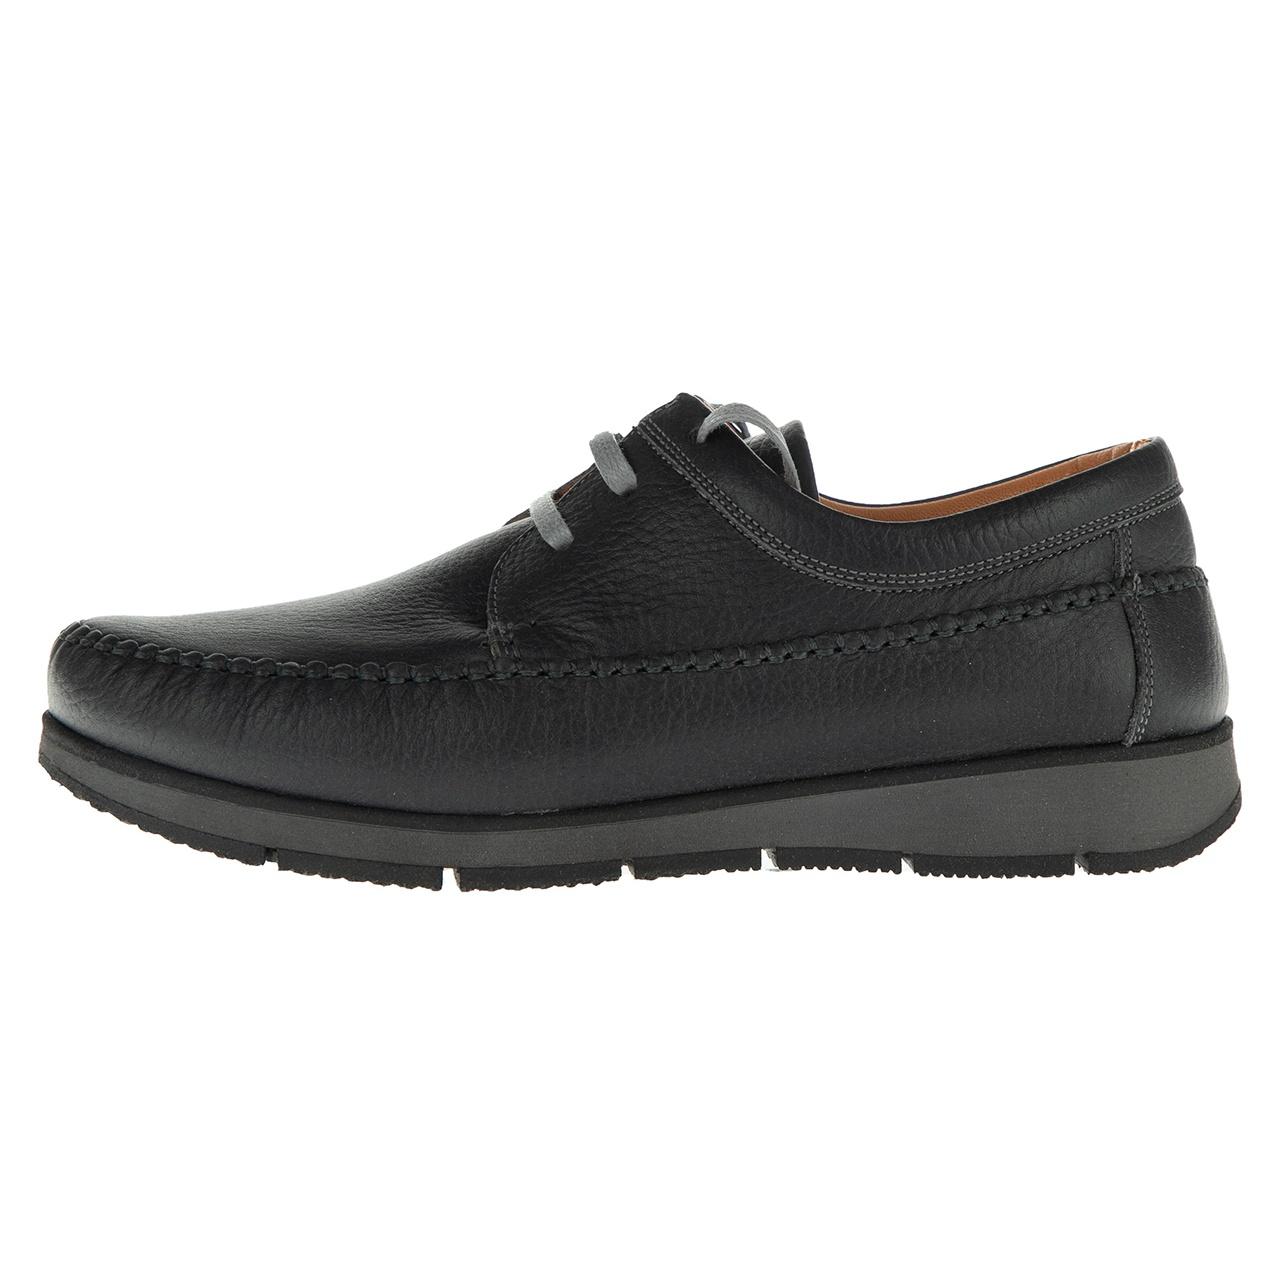 کفش راحتی زنانه برتونیکس مدل 733-20